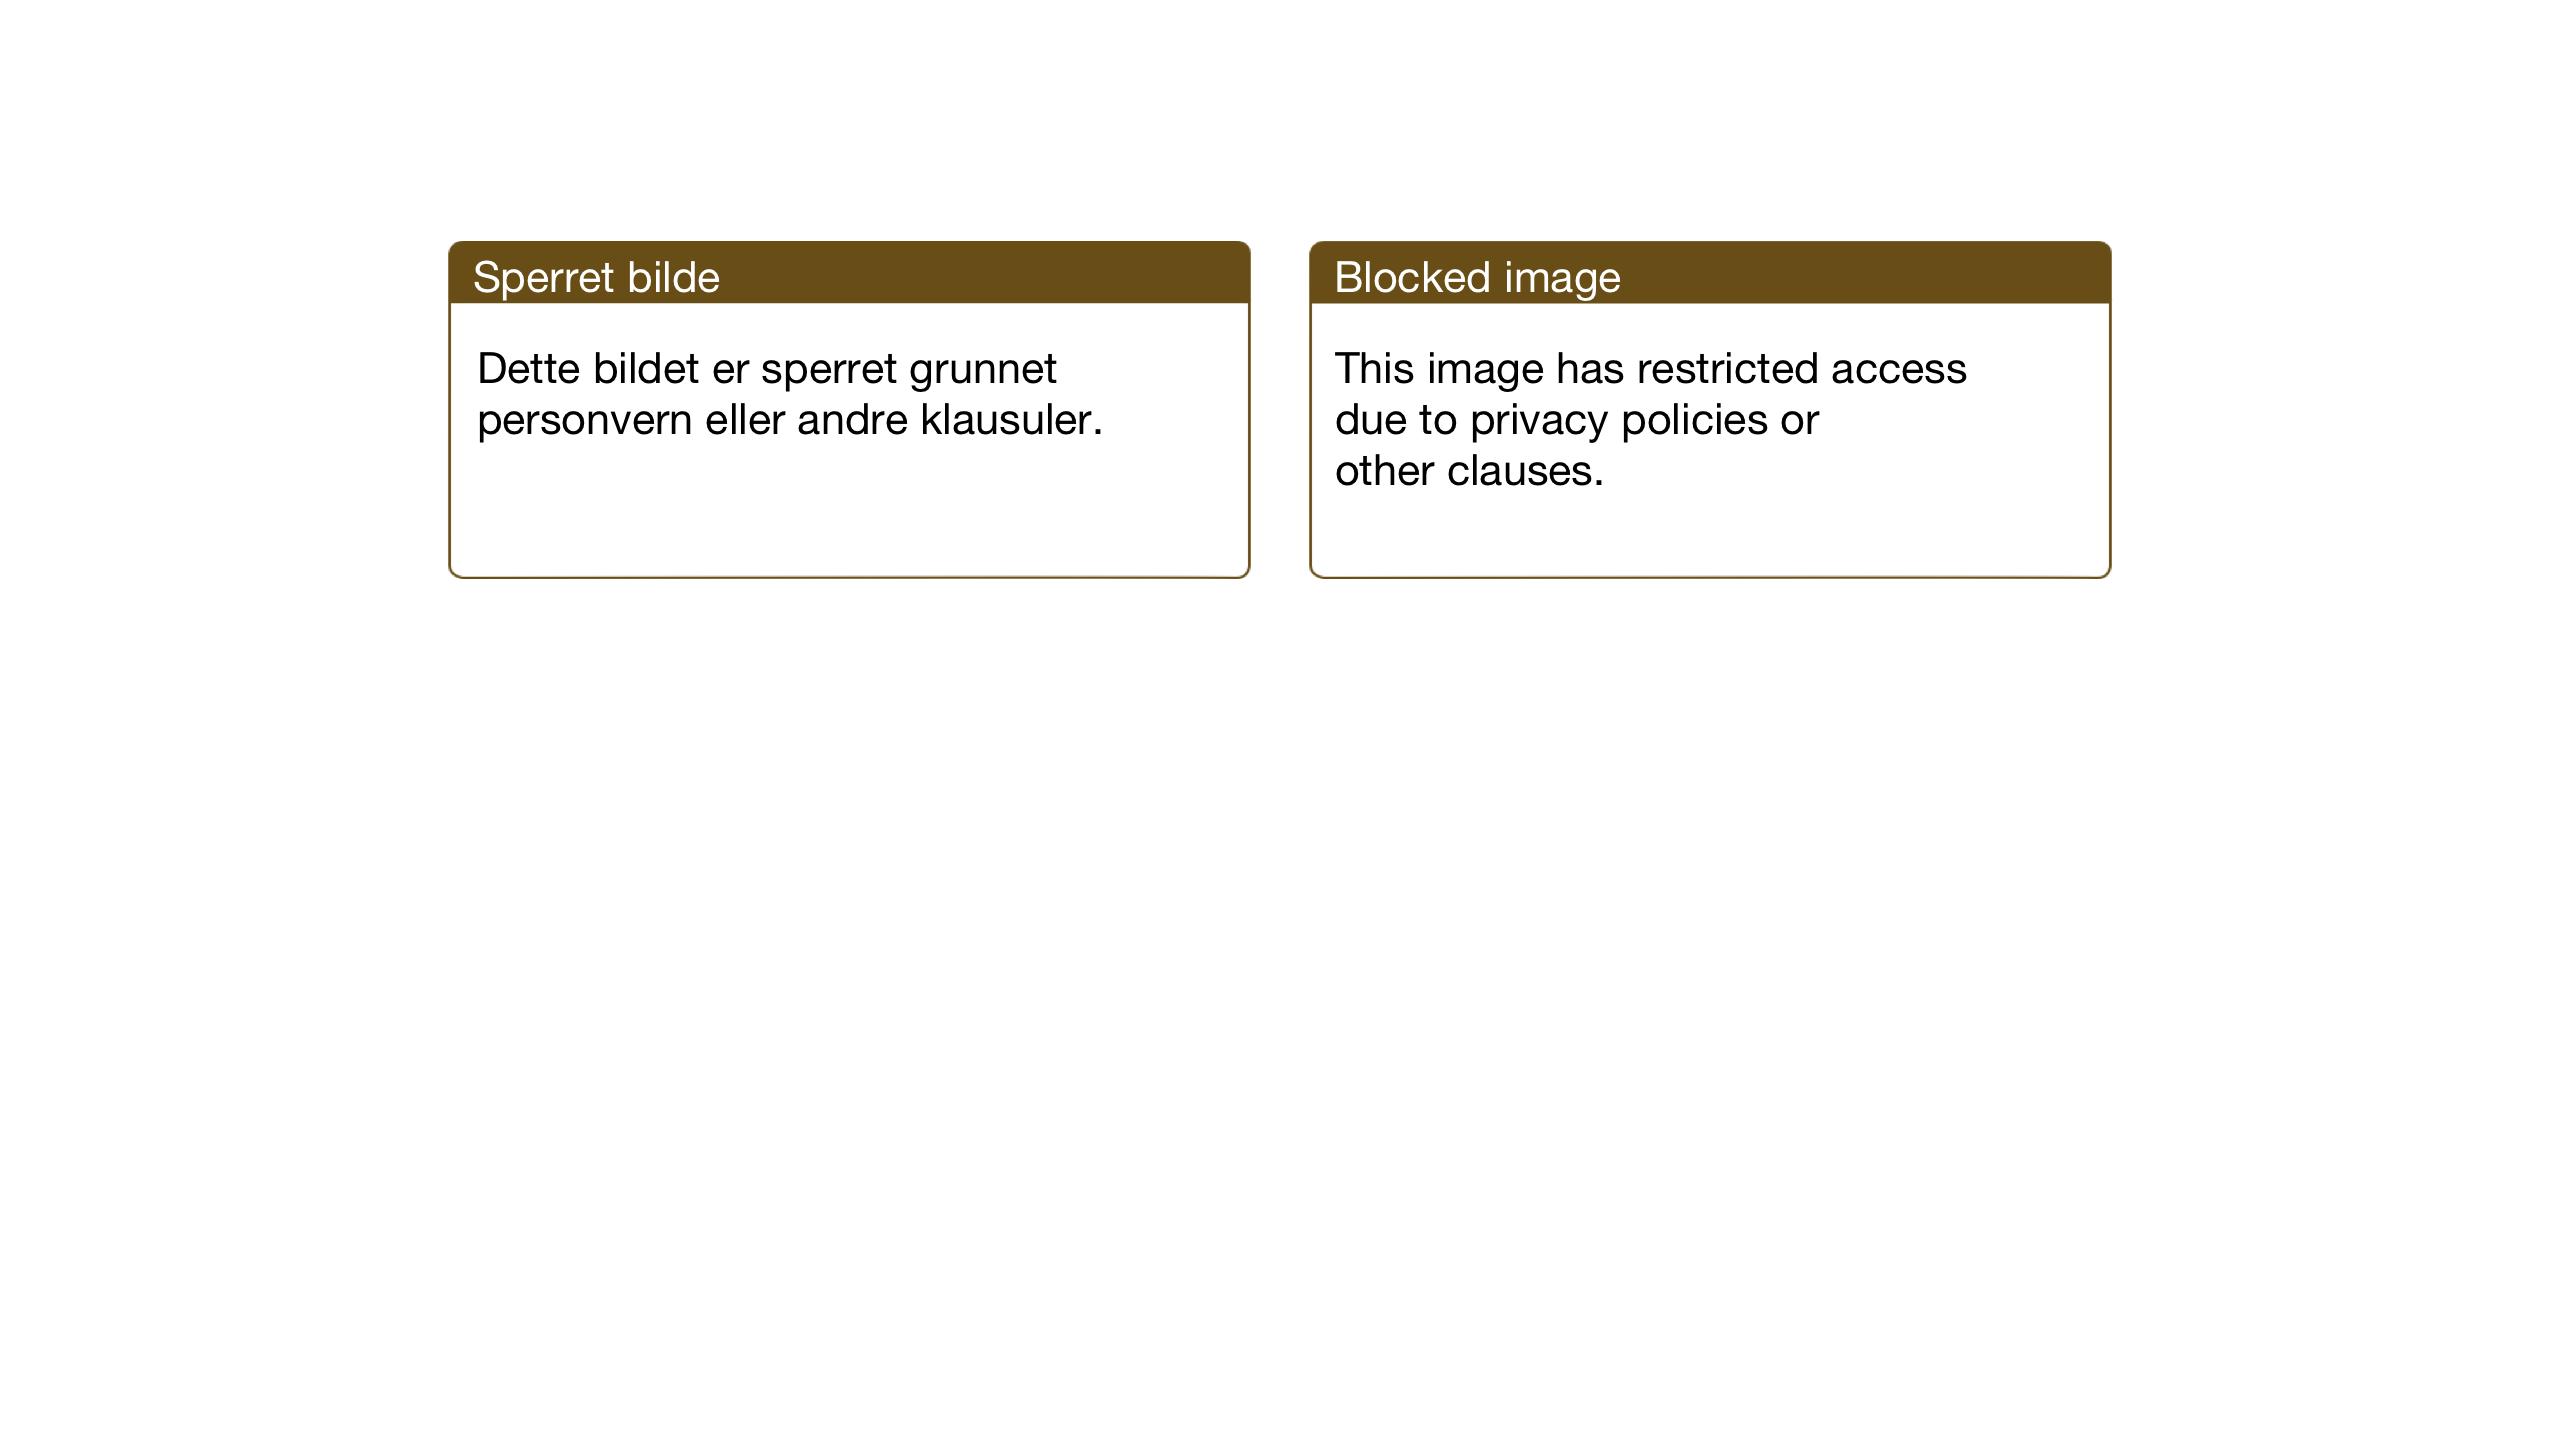 SAT, Ministerialprotokoller, klokkerbøker og fødselsregistre - Sør-Trøndelag, 653/L0658: Klokkerbok nr. 653C02, 1919-1947, s. 49